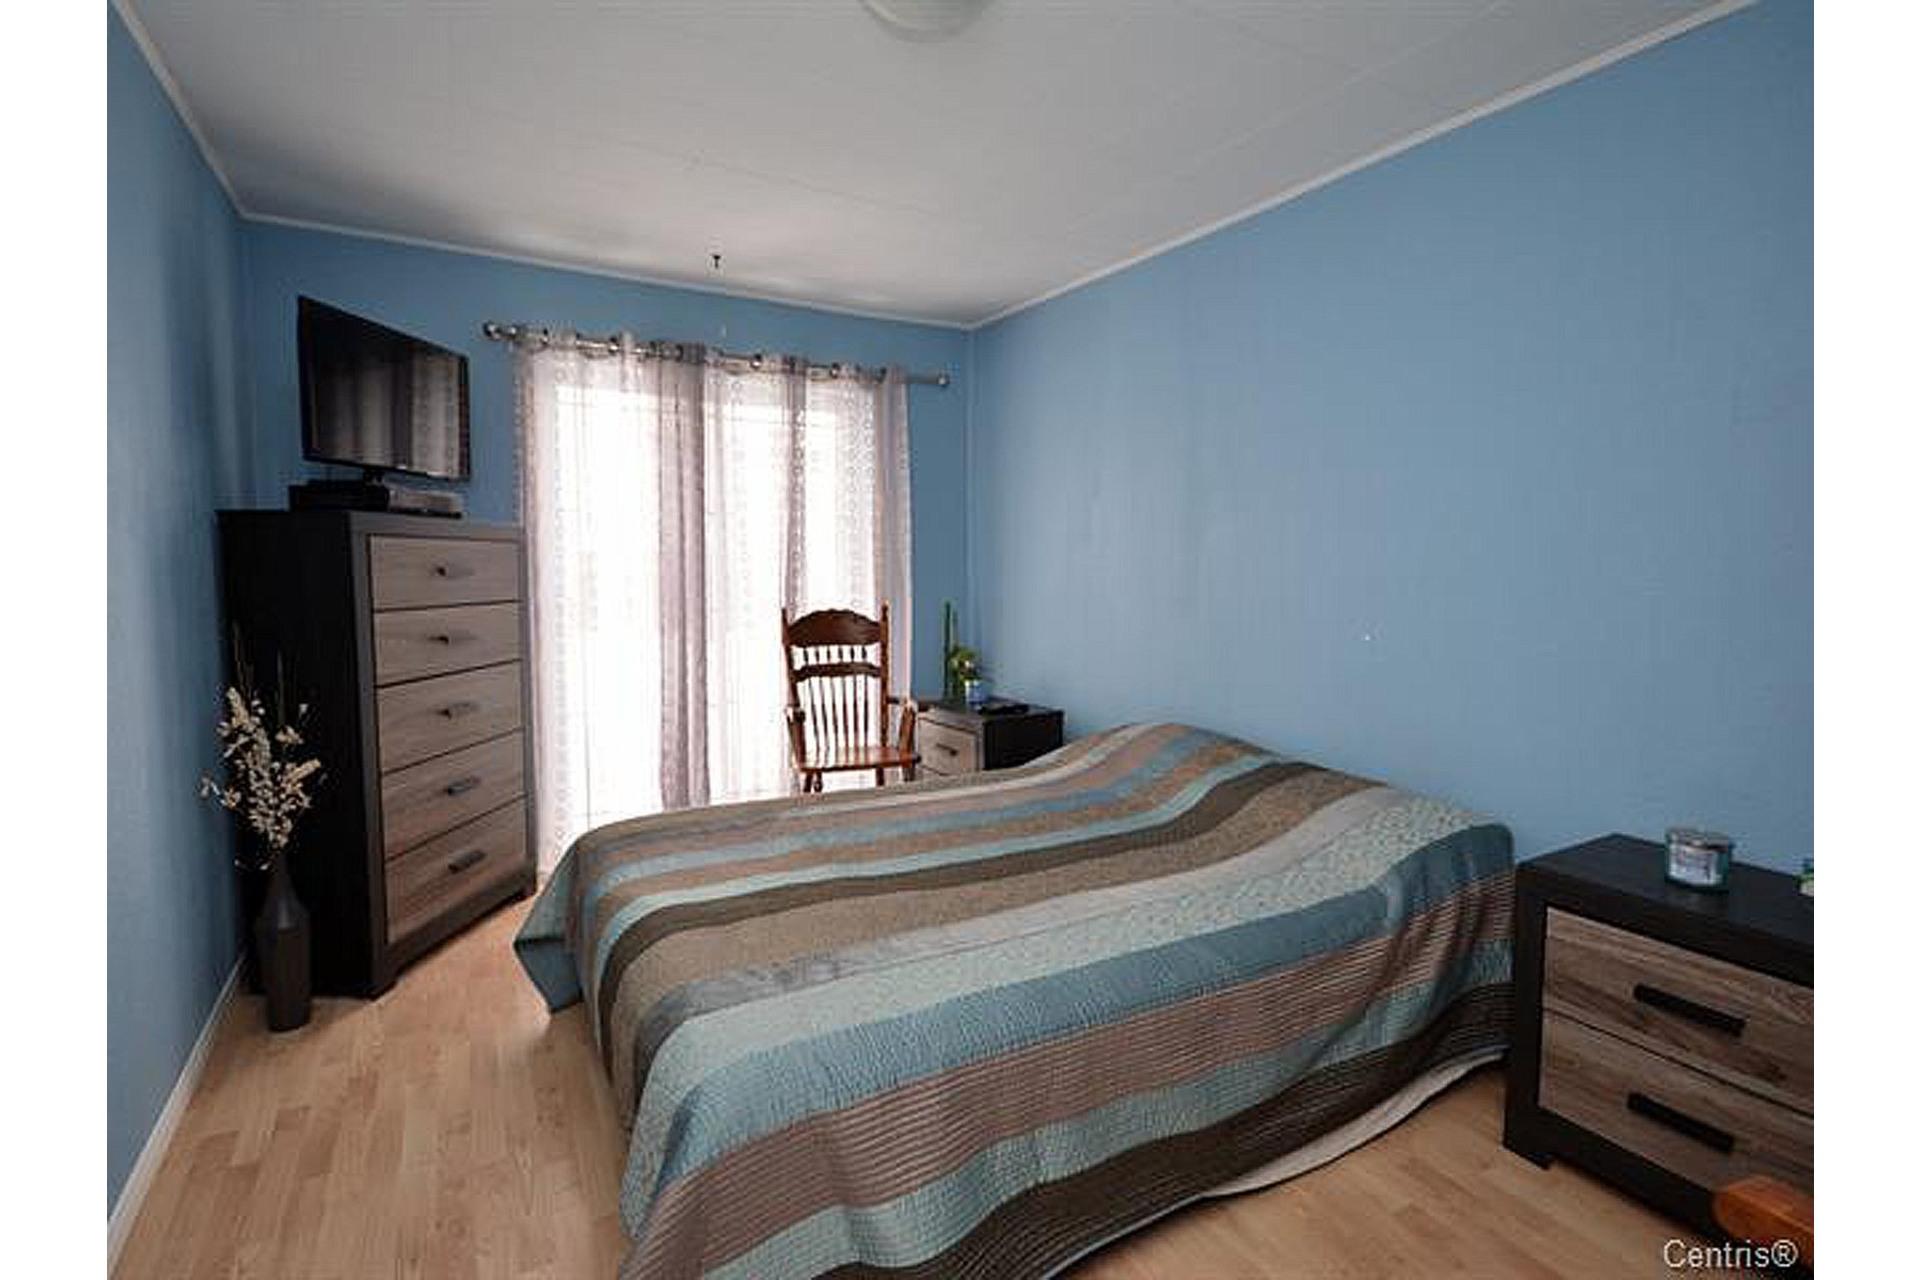 image 8 - House For sale Trois-Rivières - 8 rooms